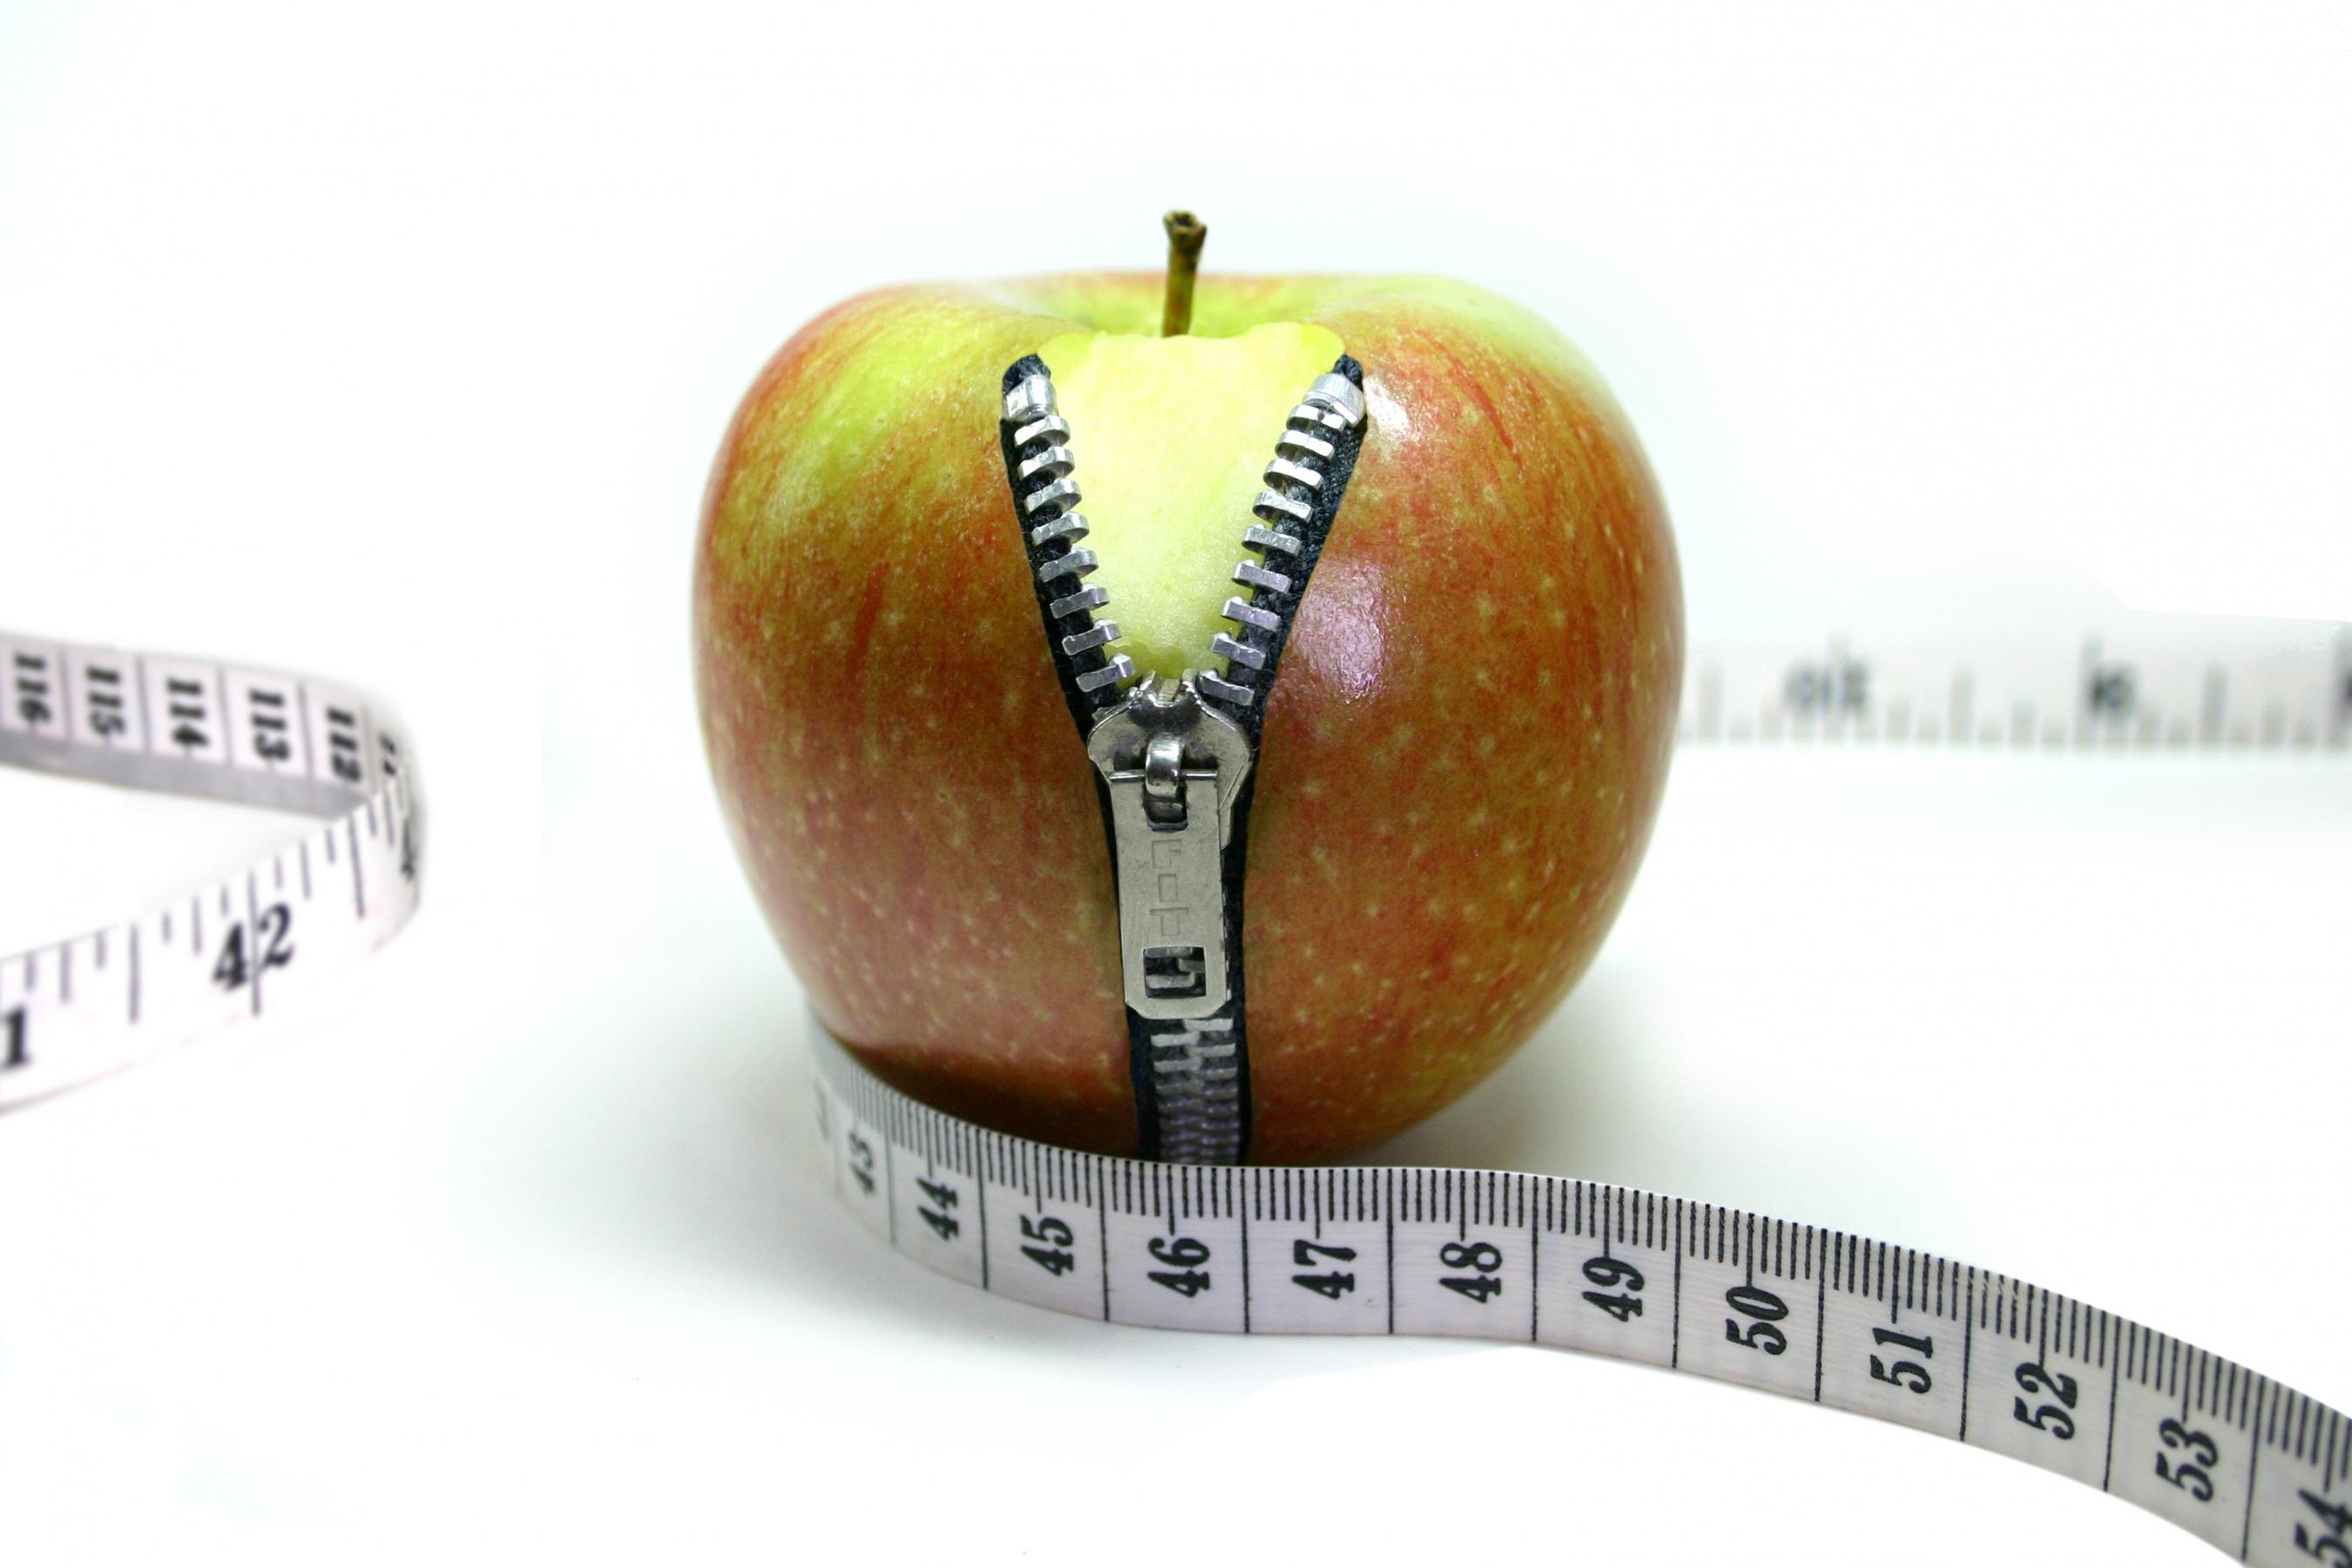 défi de perte de poids jre